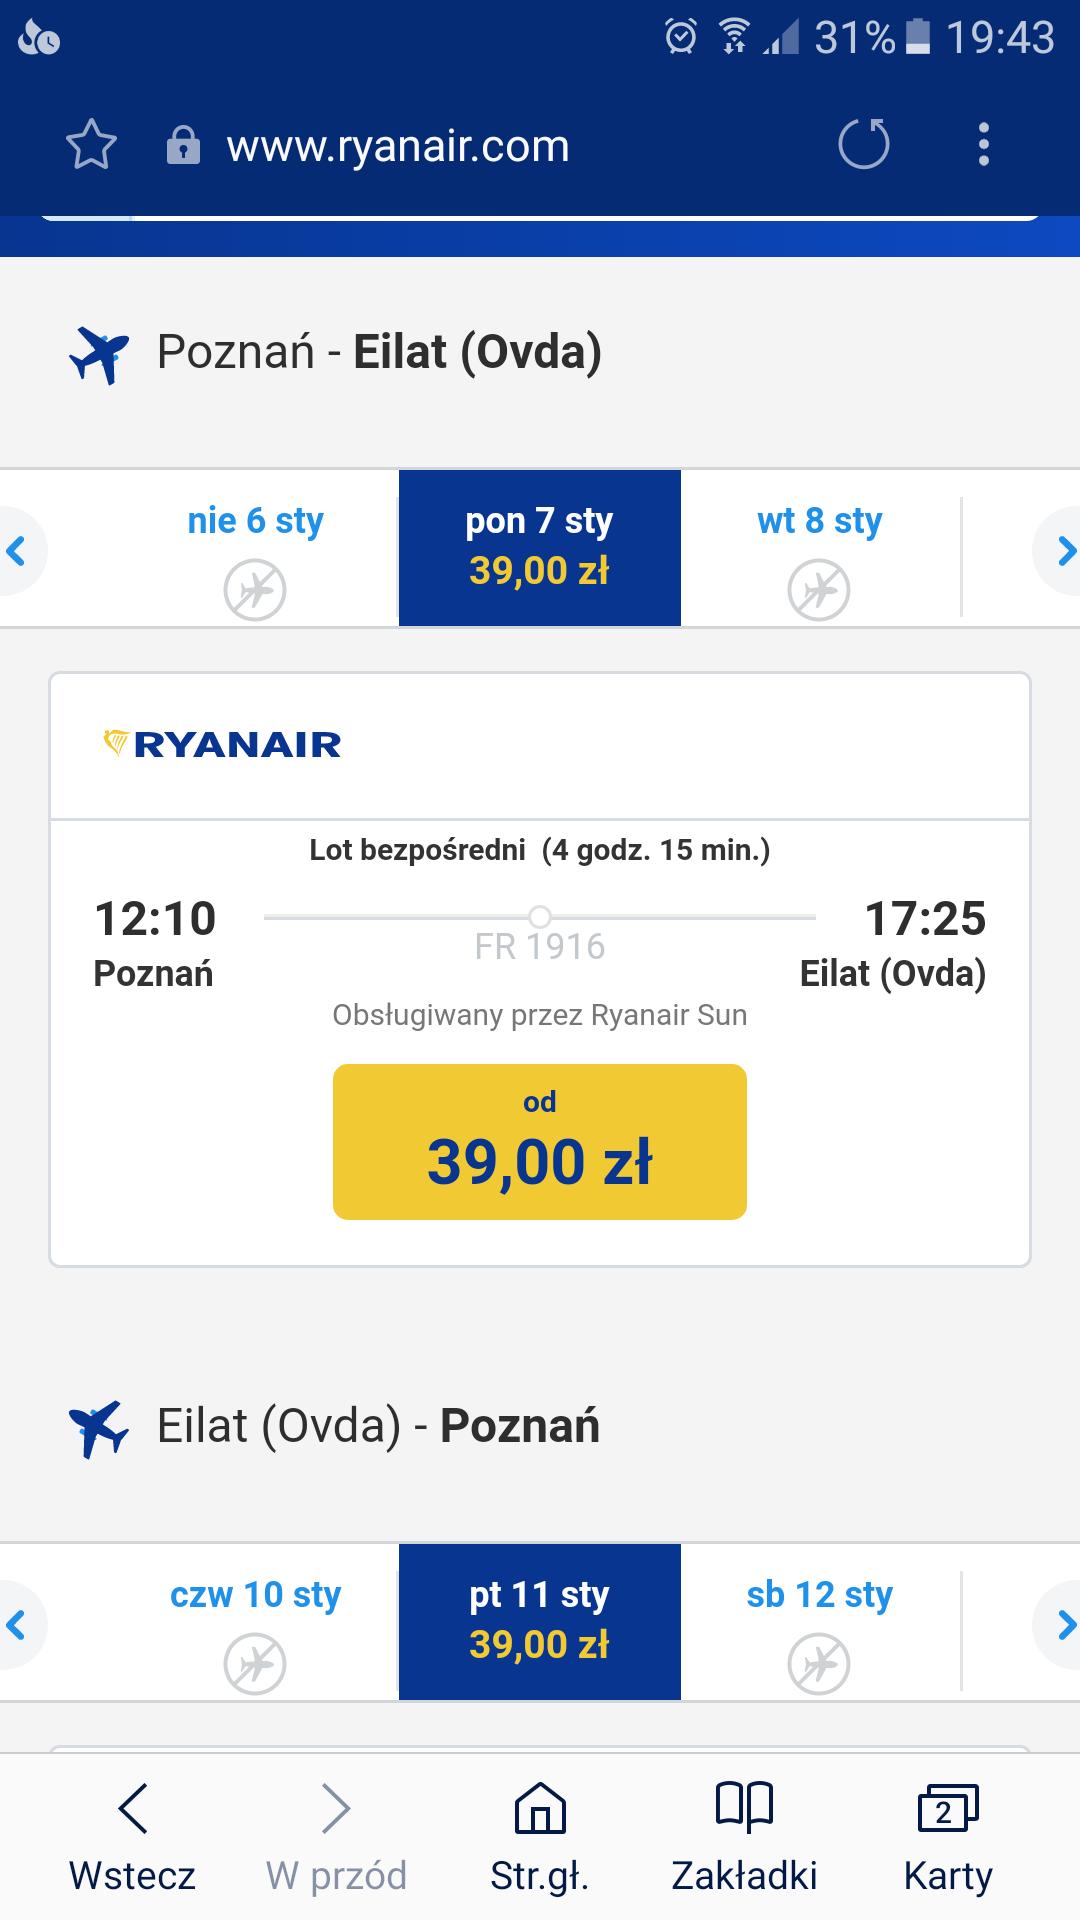 Ryanair Loty z Poznania do Izraela  miasto (Eilat)